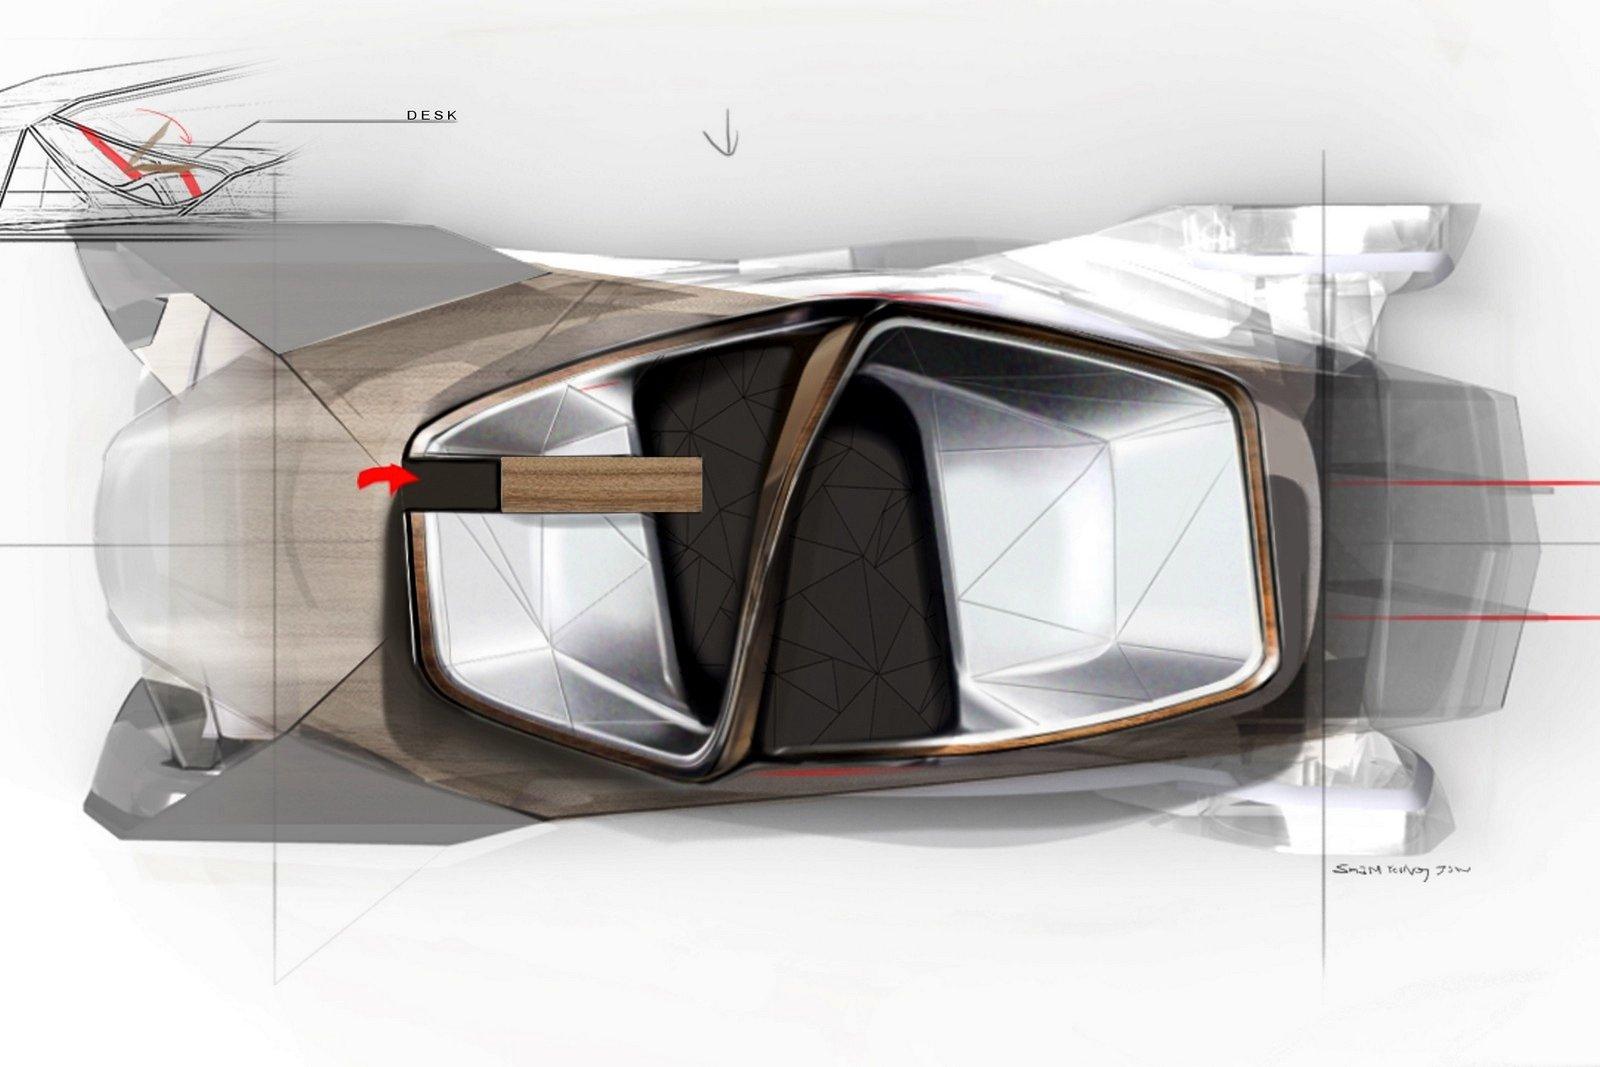 Das Elektroauto Shiwa mit Radnabenantrieb verfügt über vier kleine Elektromotoren in den Rädern. Da das Auto autonom fährt, hat es keine Fenster. Die Innenflächen dienen als Projektionsfläche, die Fahrgäste sitzen sich gegenüber.